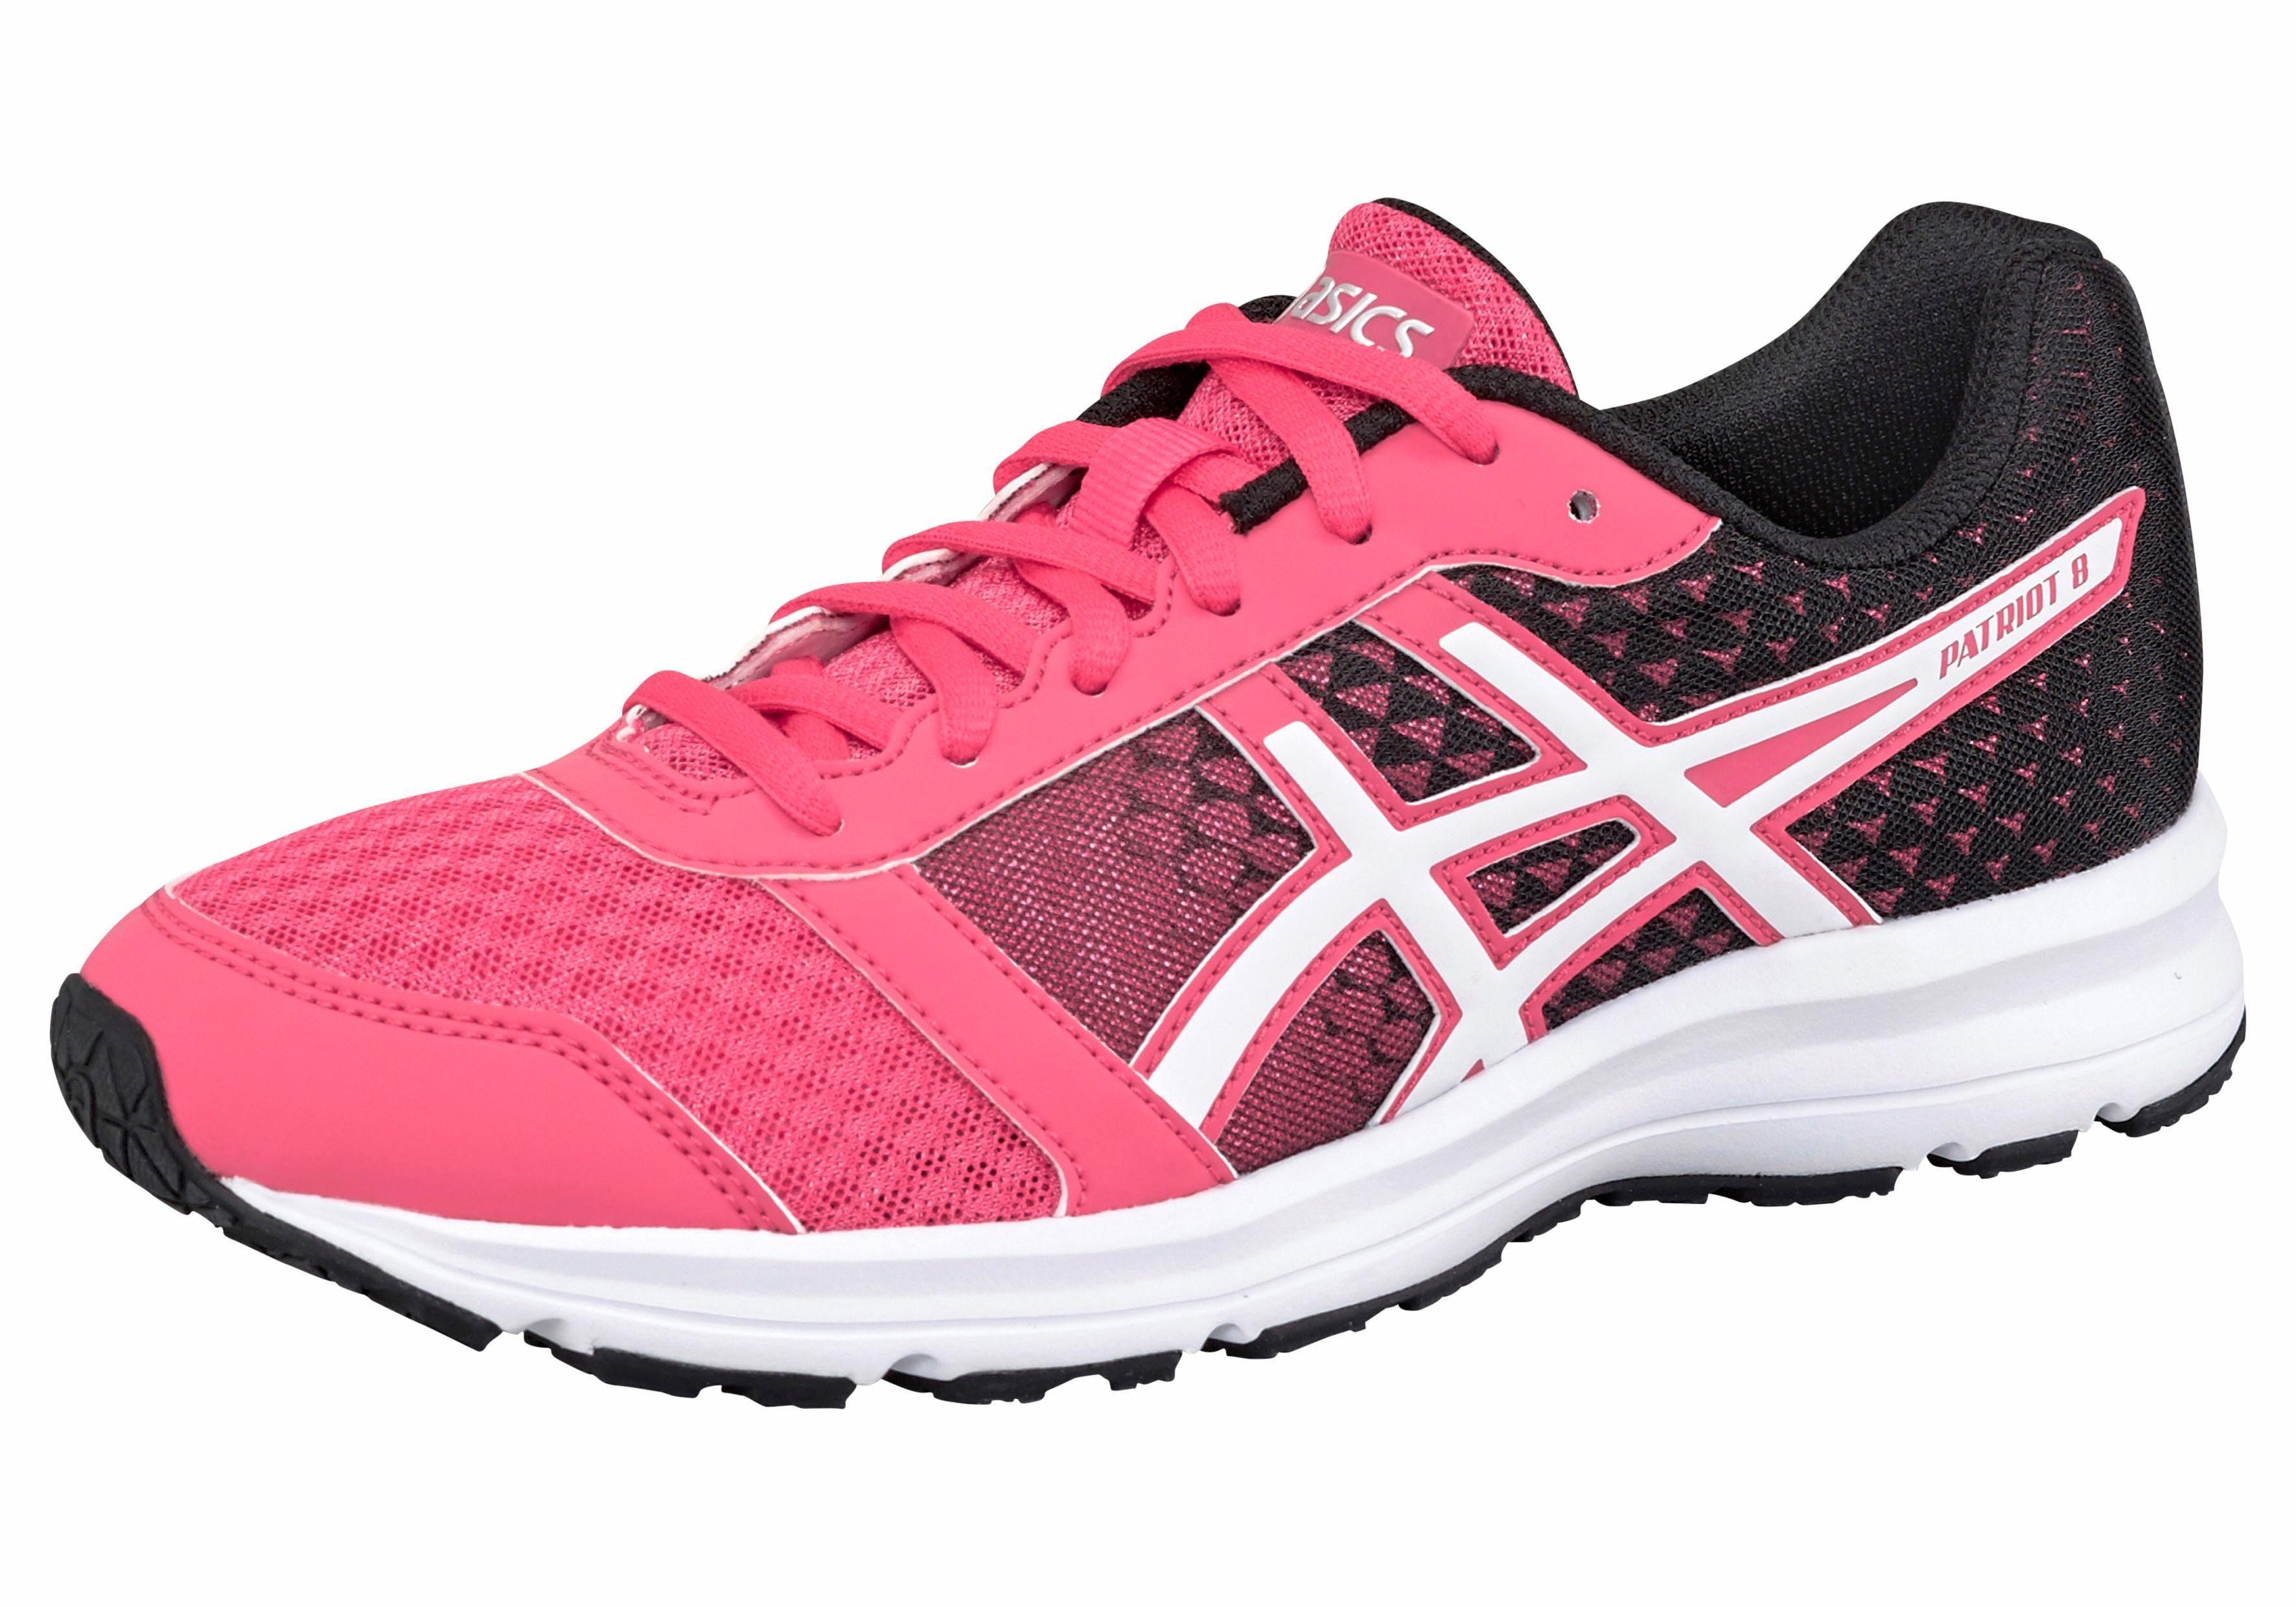 Asics Patriot 8 Laufschuh online kaufen  schwarz-pink